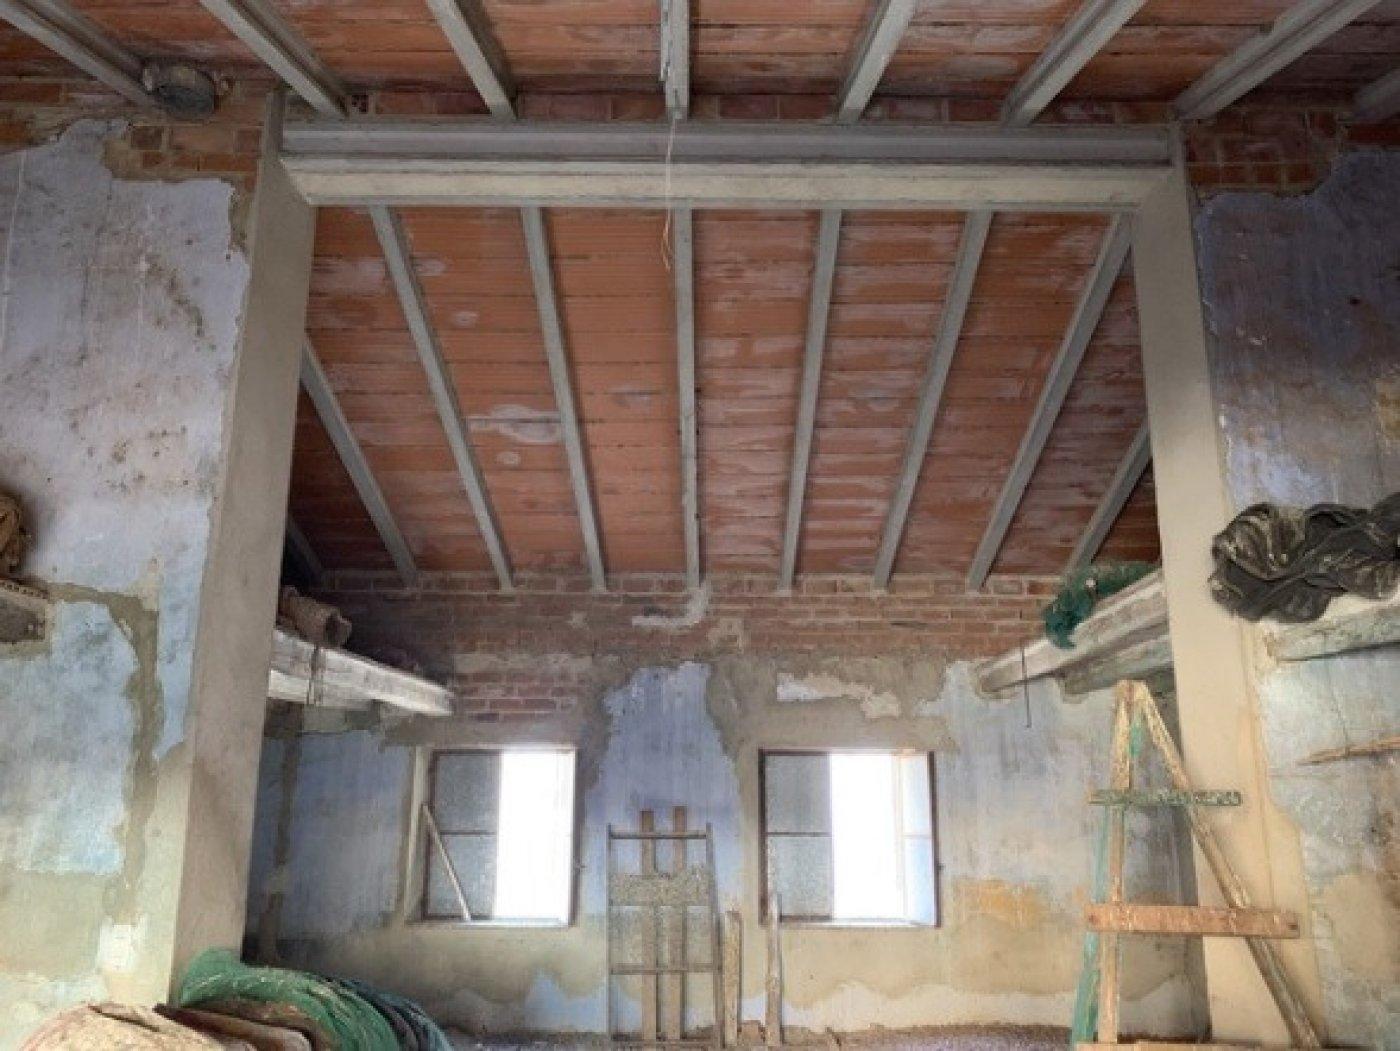 Casa almacén solar a rehabilitar en vendrell centro - imagenInmueble6